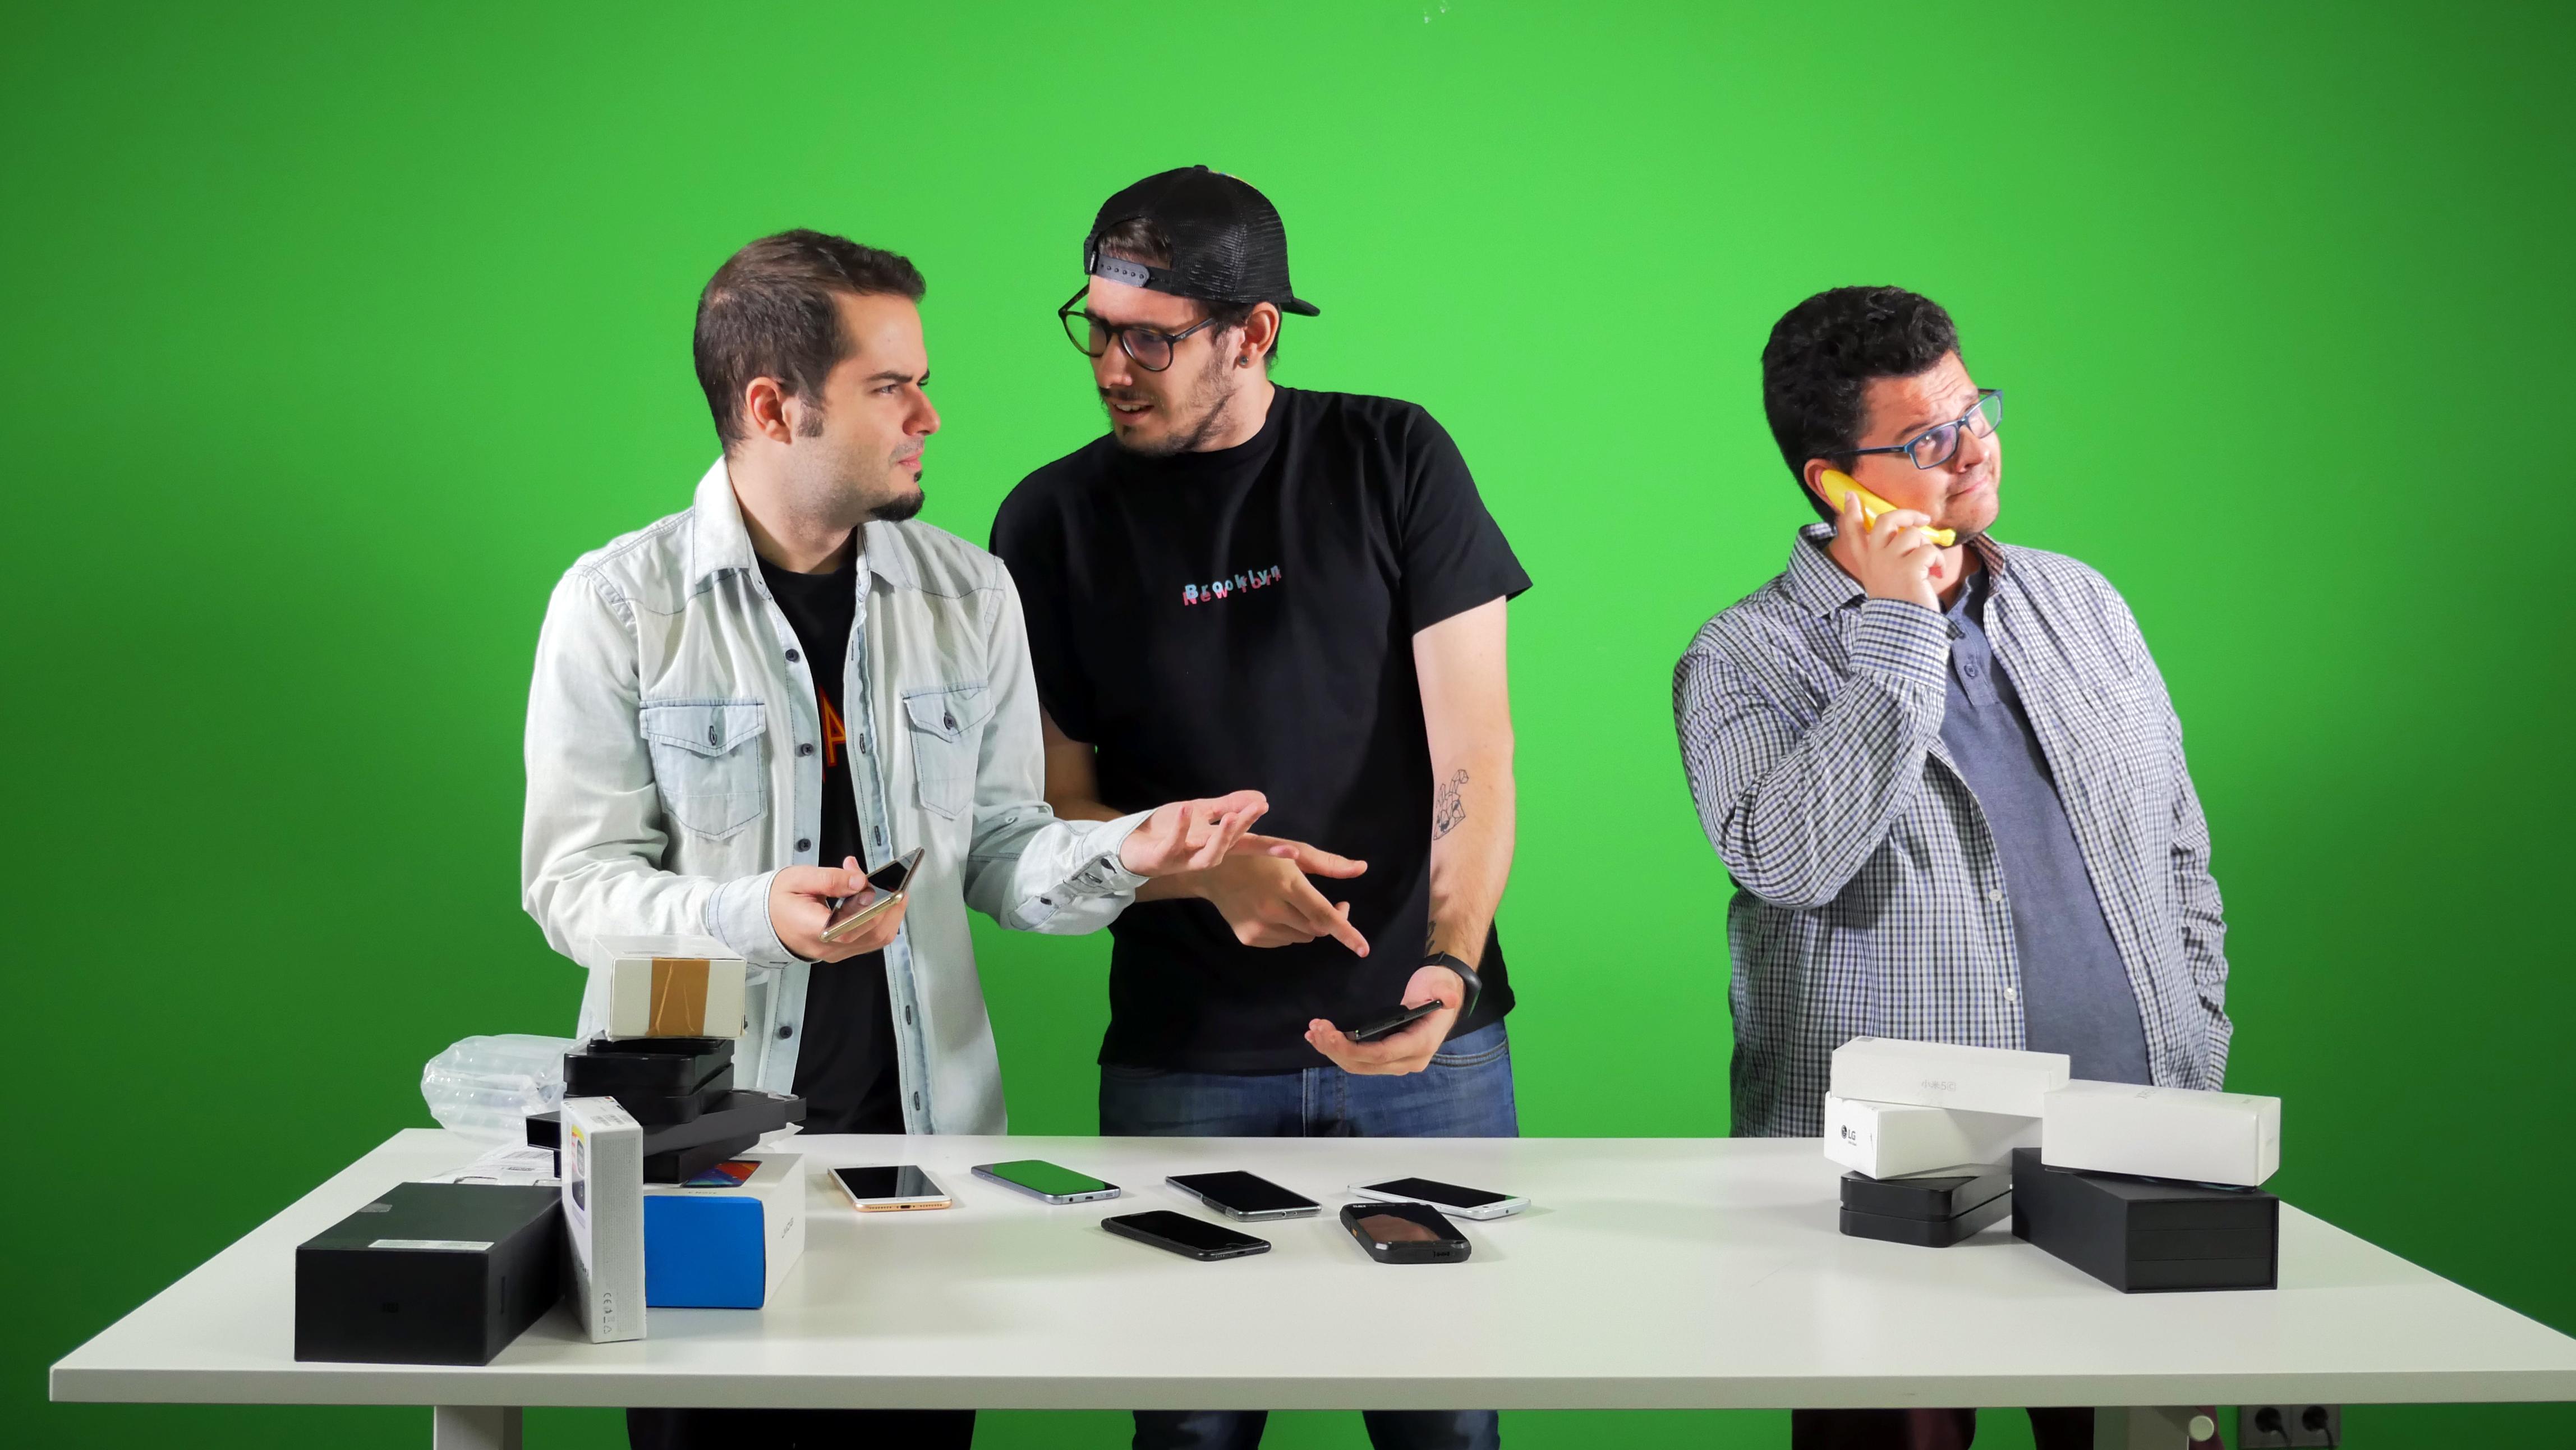 Dos editores prueban móviles para recomendar en el Black Friday, mientras otro usa un plátano para hablar por teléfono